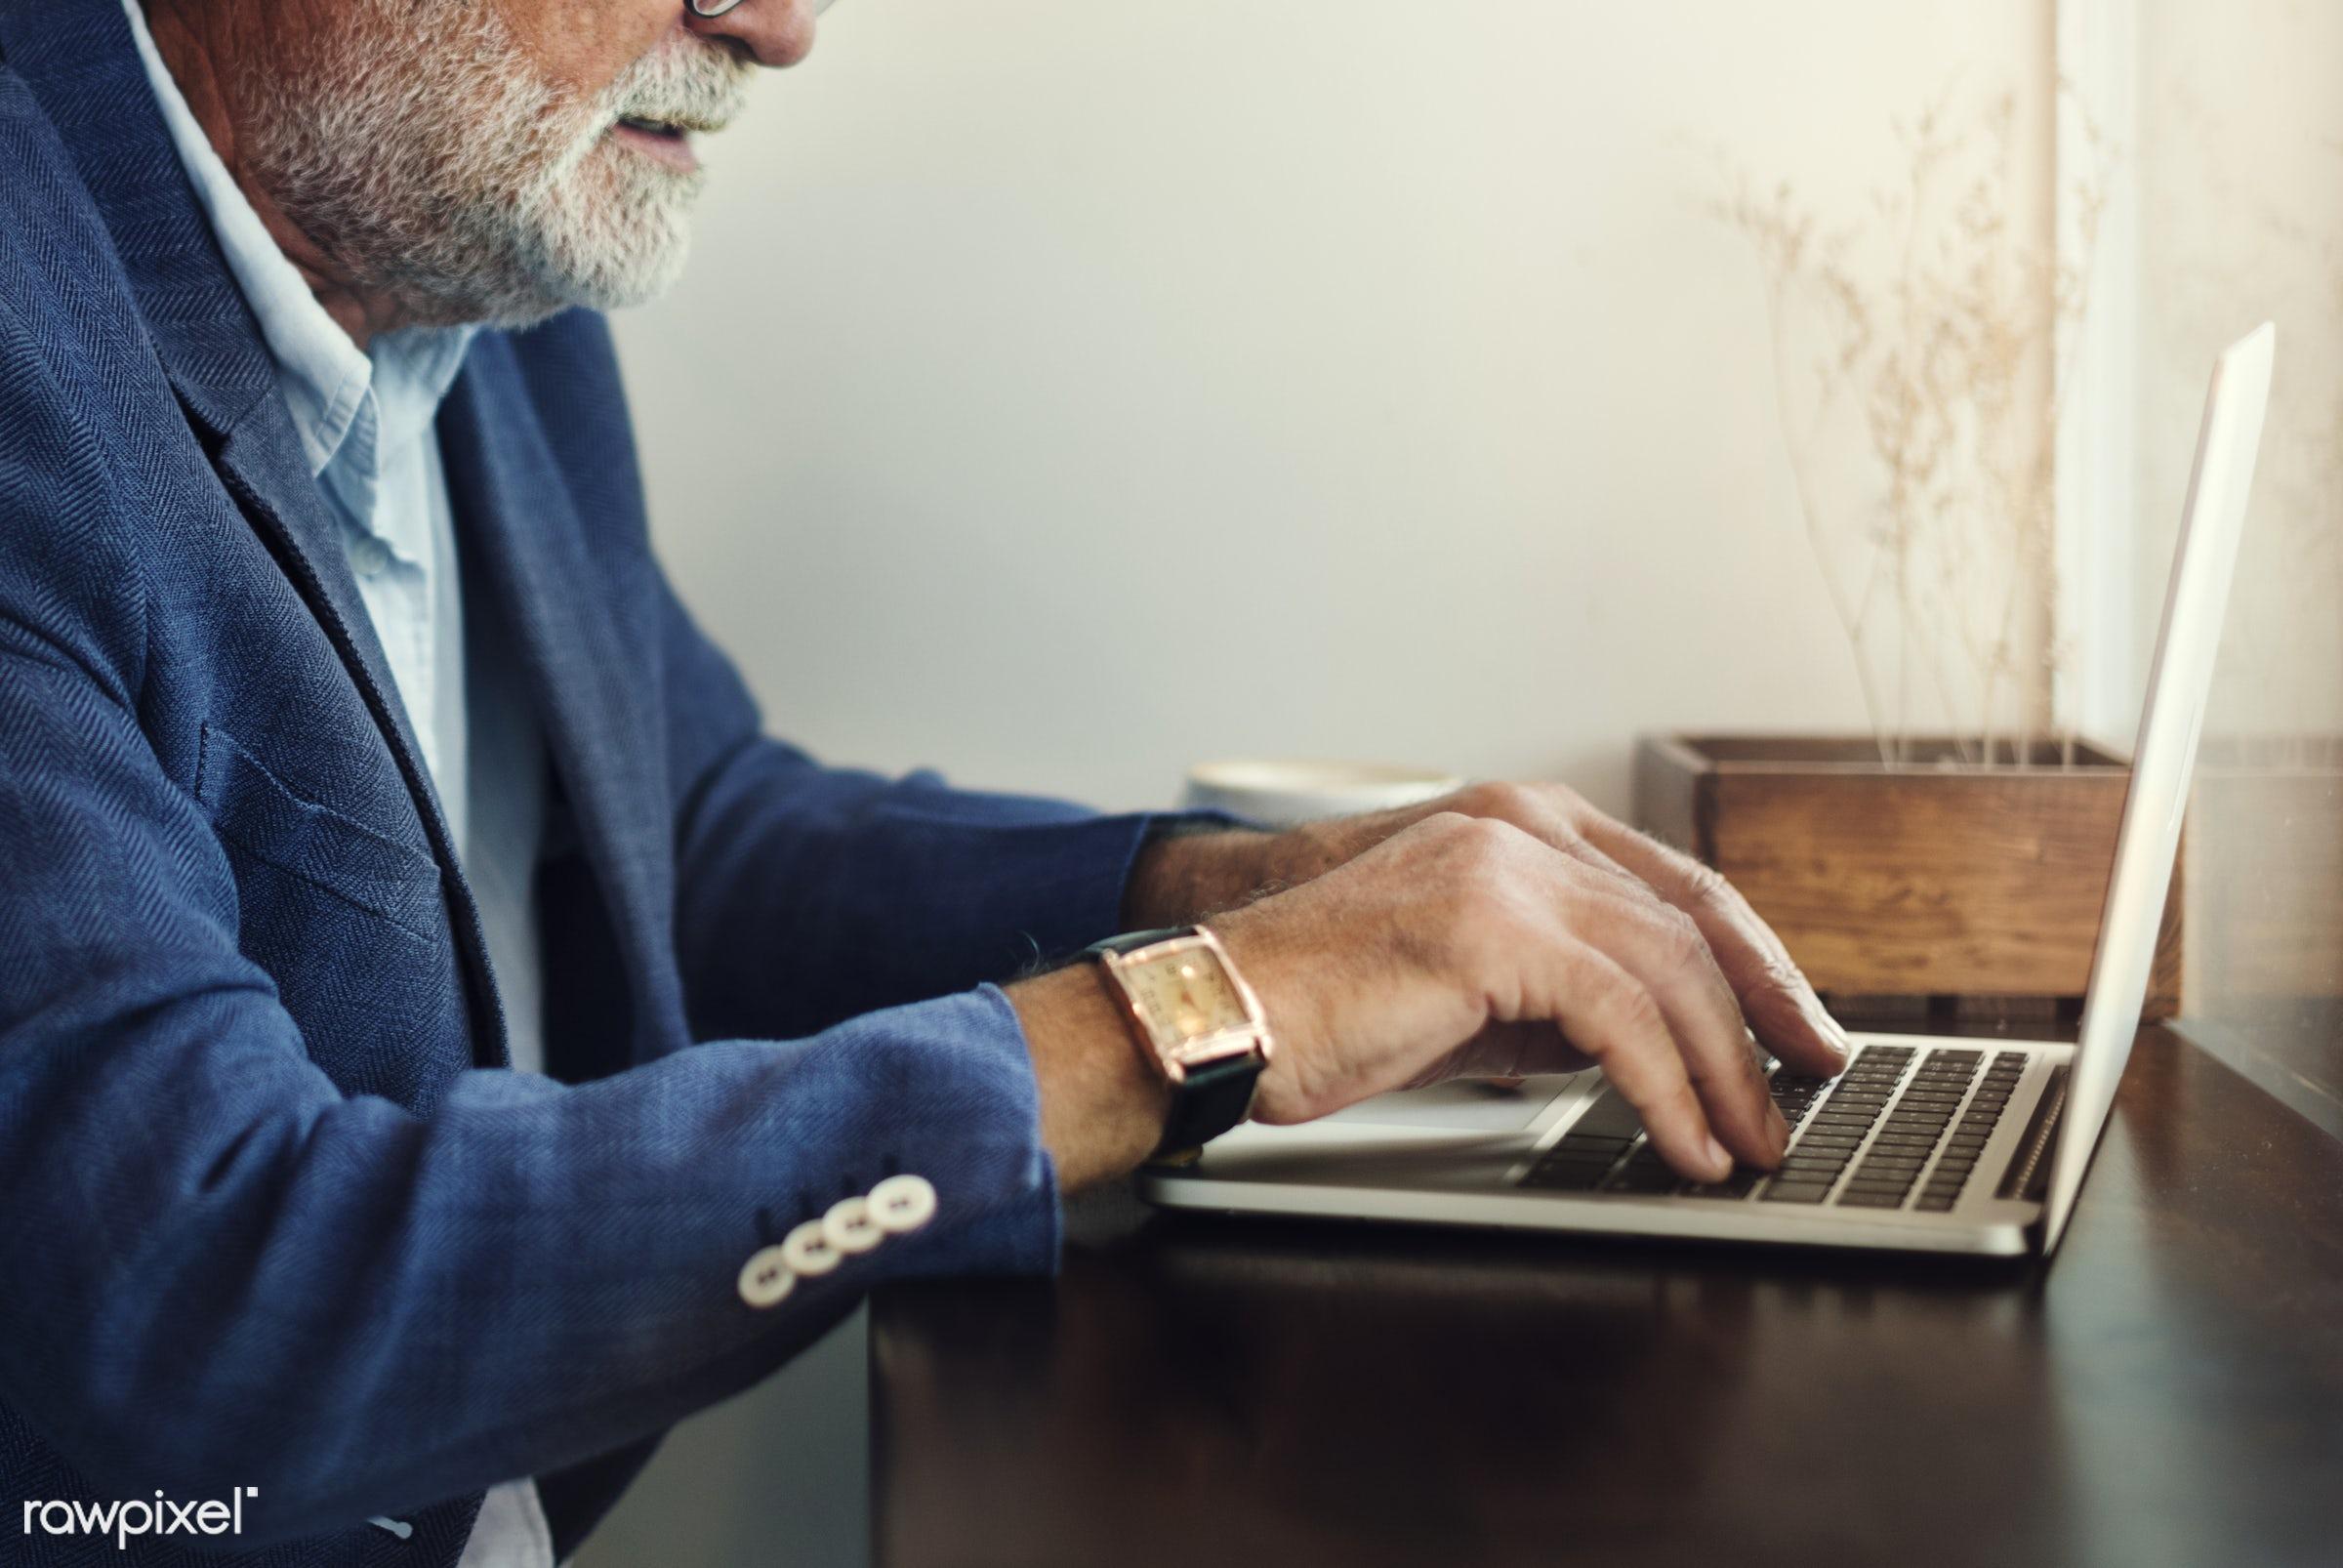 Elderly man is using computer laptop - computer, elderly, working, shop, coffee shop, man, news, work, website, leisure,...